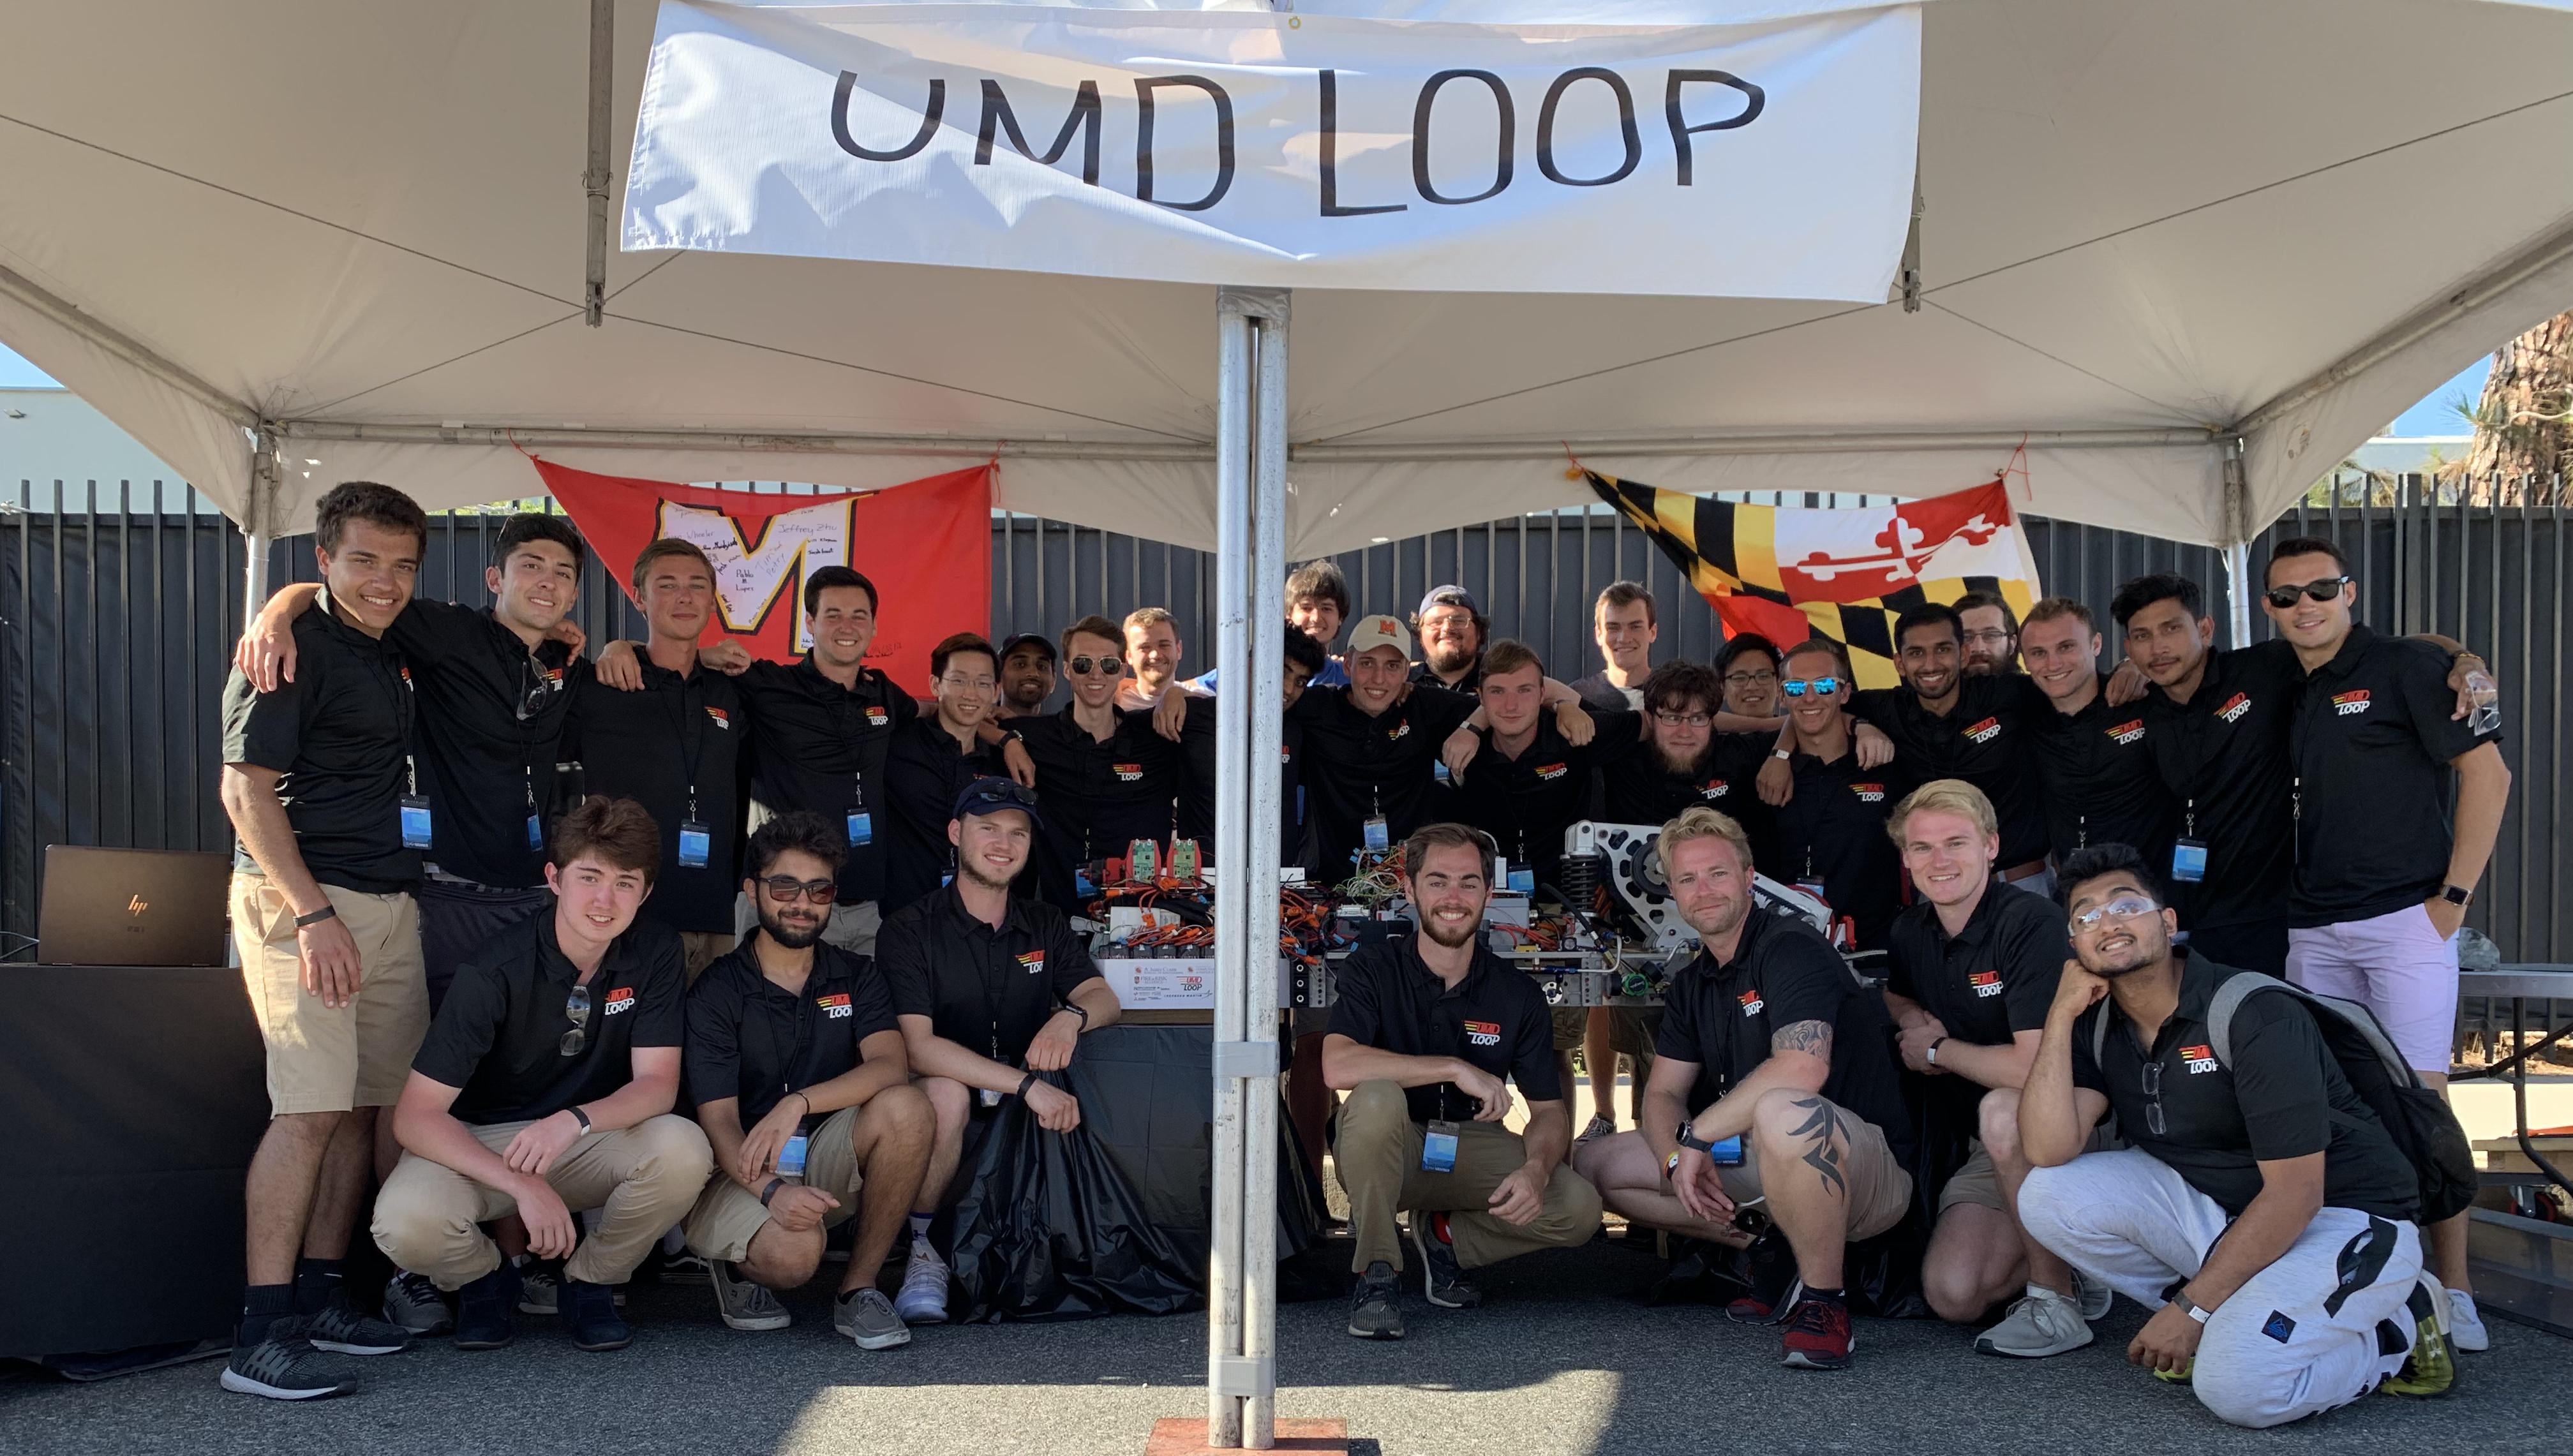 UMD Loop at the 2017 SpaceX Hyperloop Competition